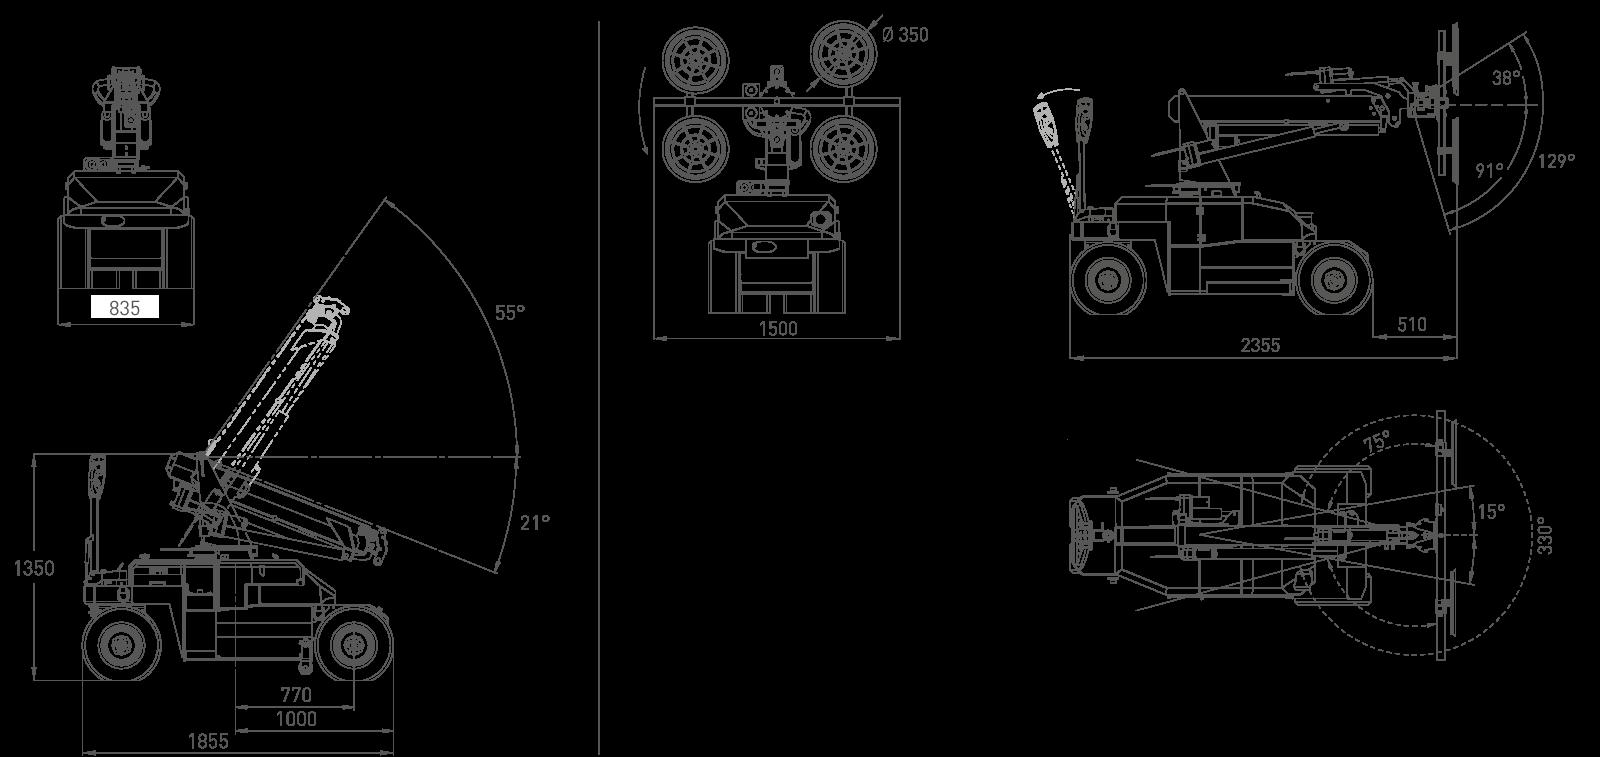 minipicker-mpk06-dimensions